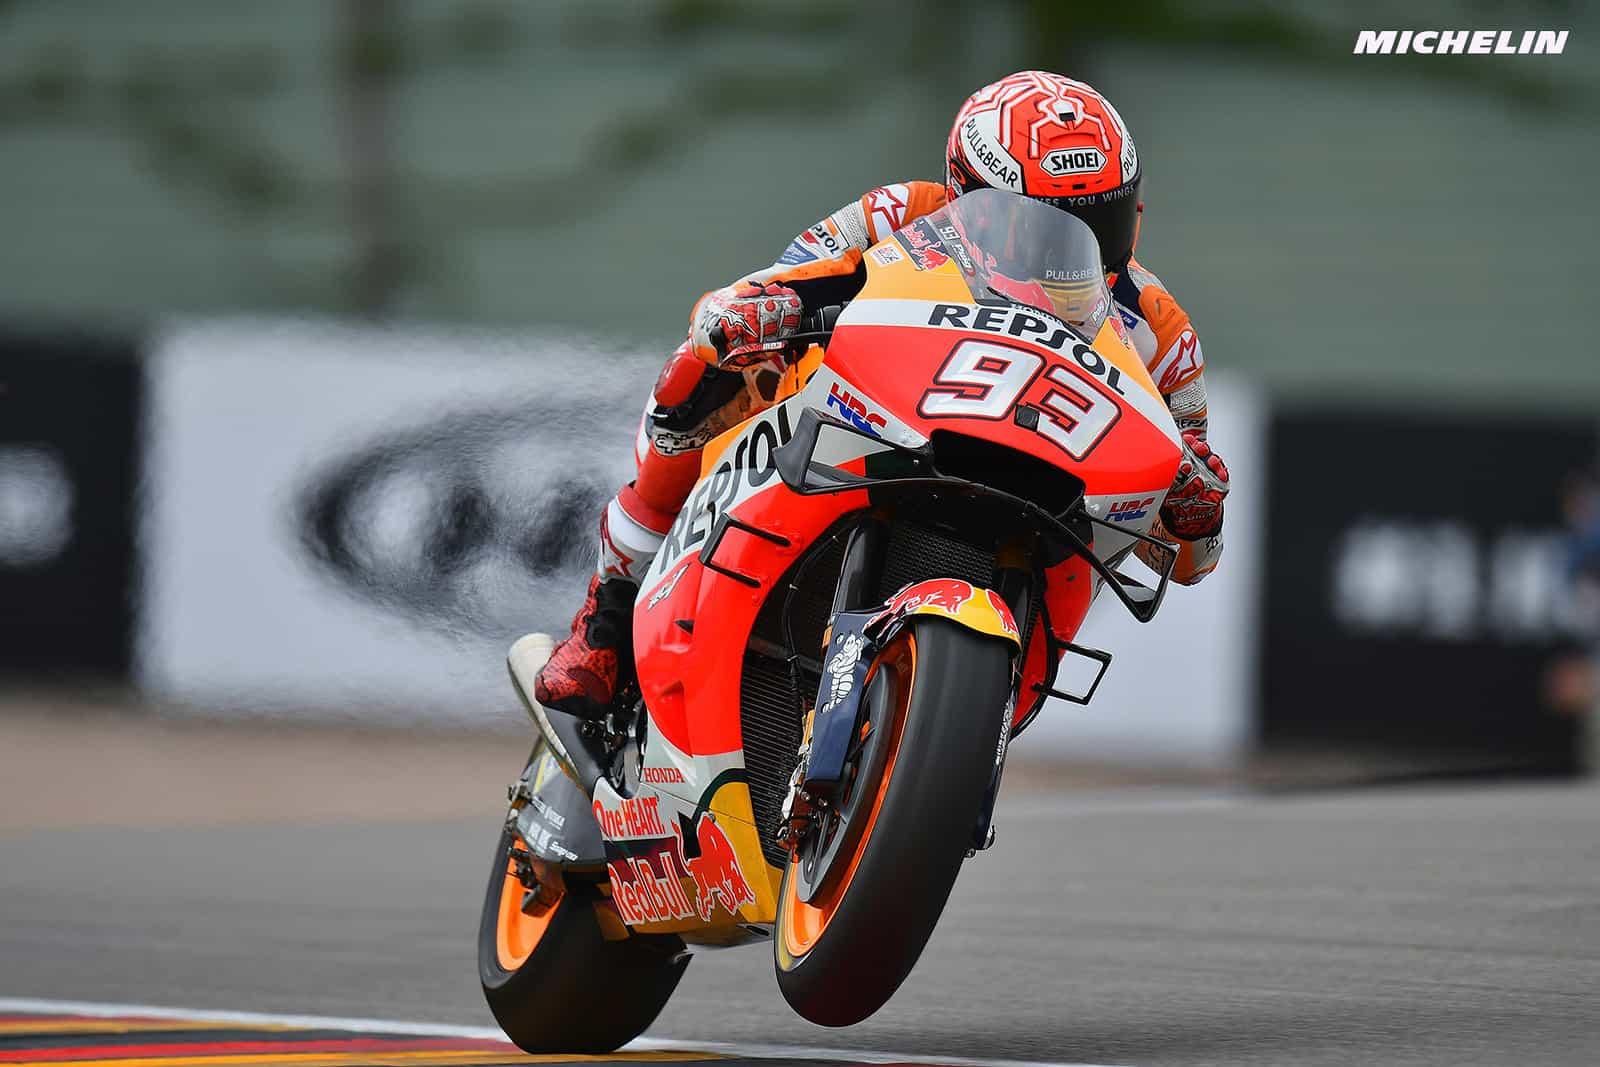 MotoGP2019チェコGP マルケス「夏休み中はチームとバイクが恋しかった」